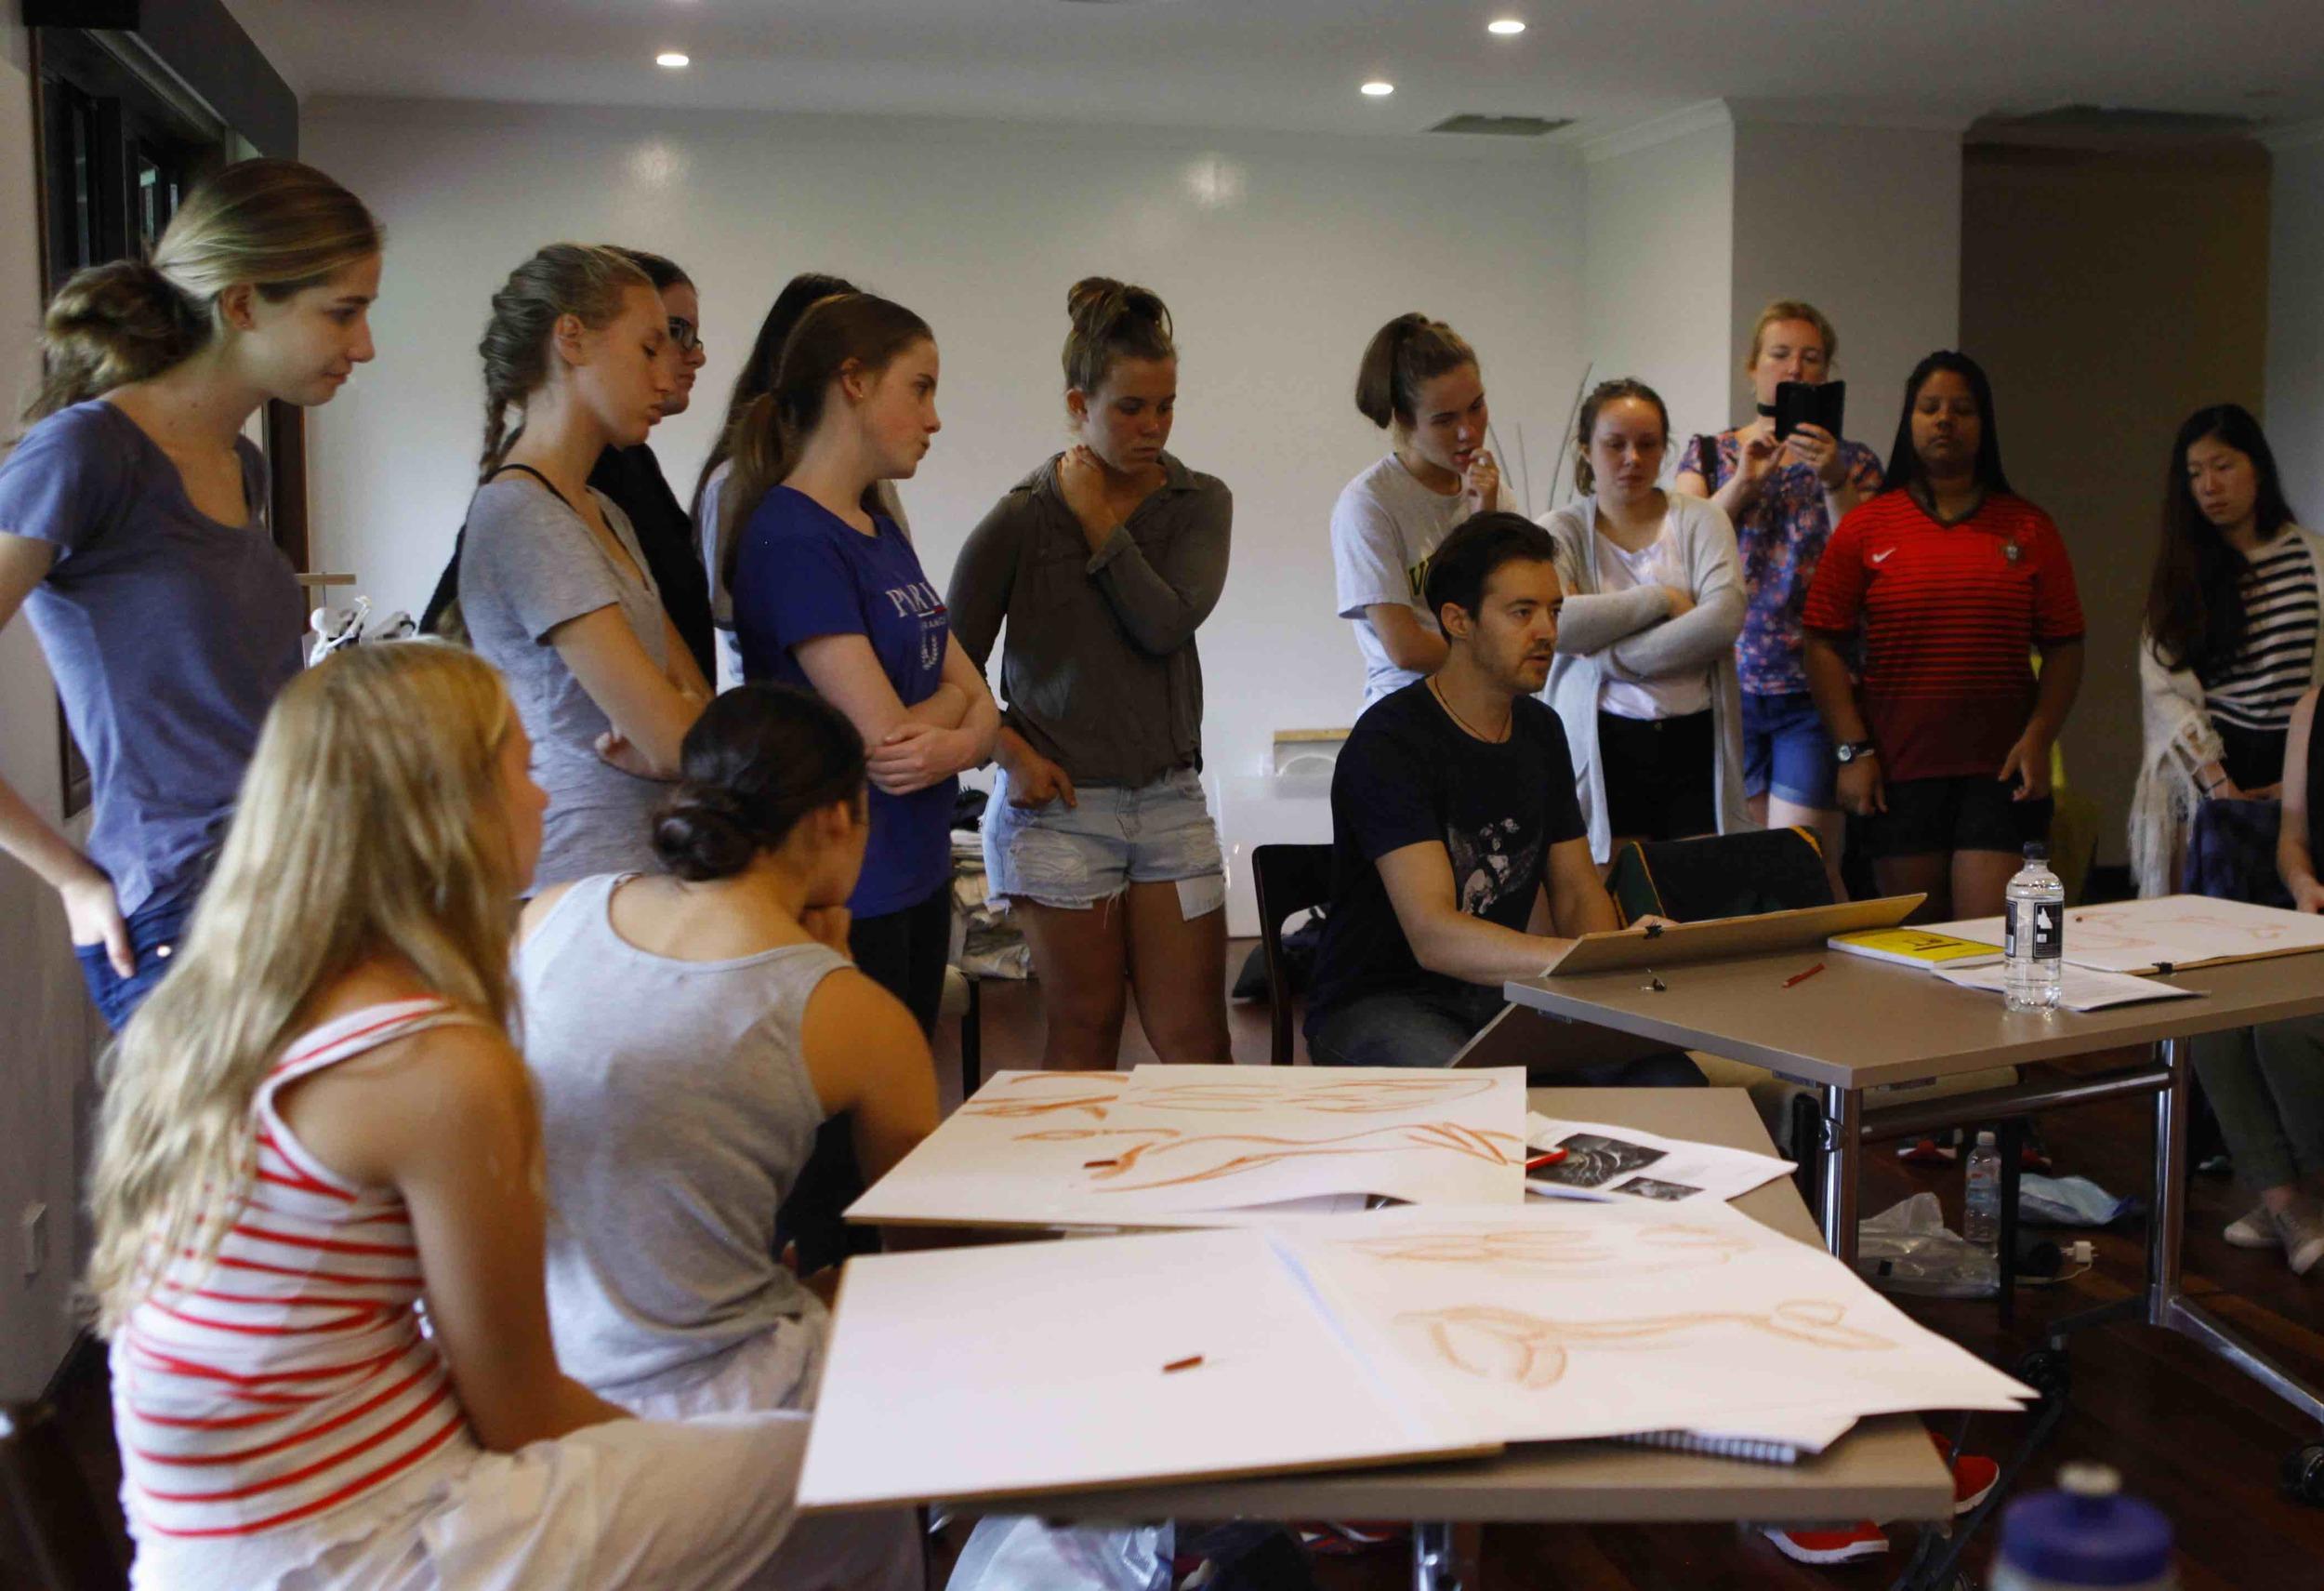 scott breton workshop clayfield college 7.jpg